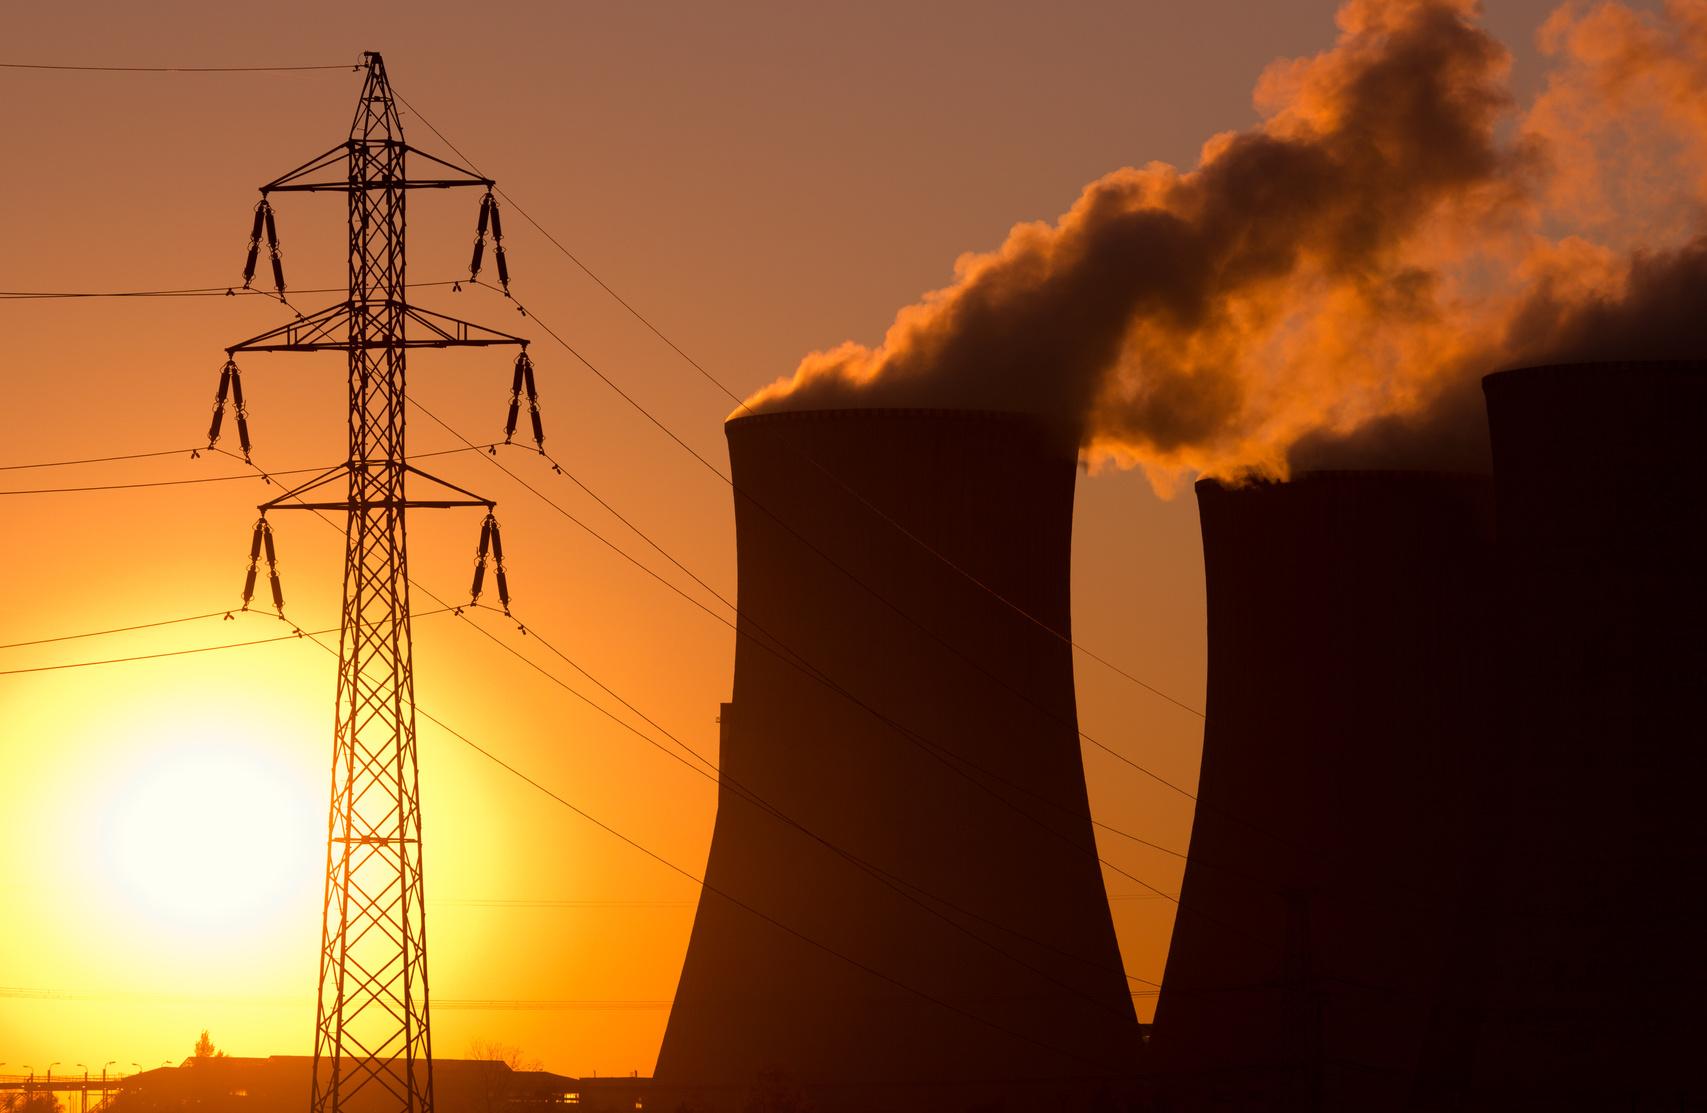 Les déchets du nucléaire français : le projet CIGEO [2/2]